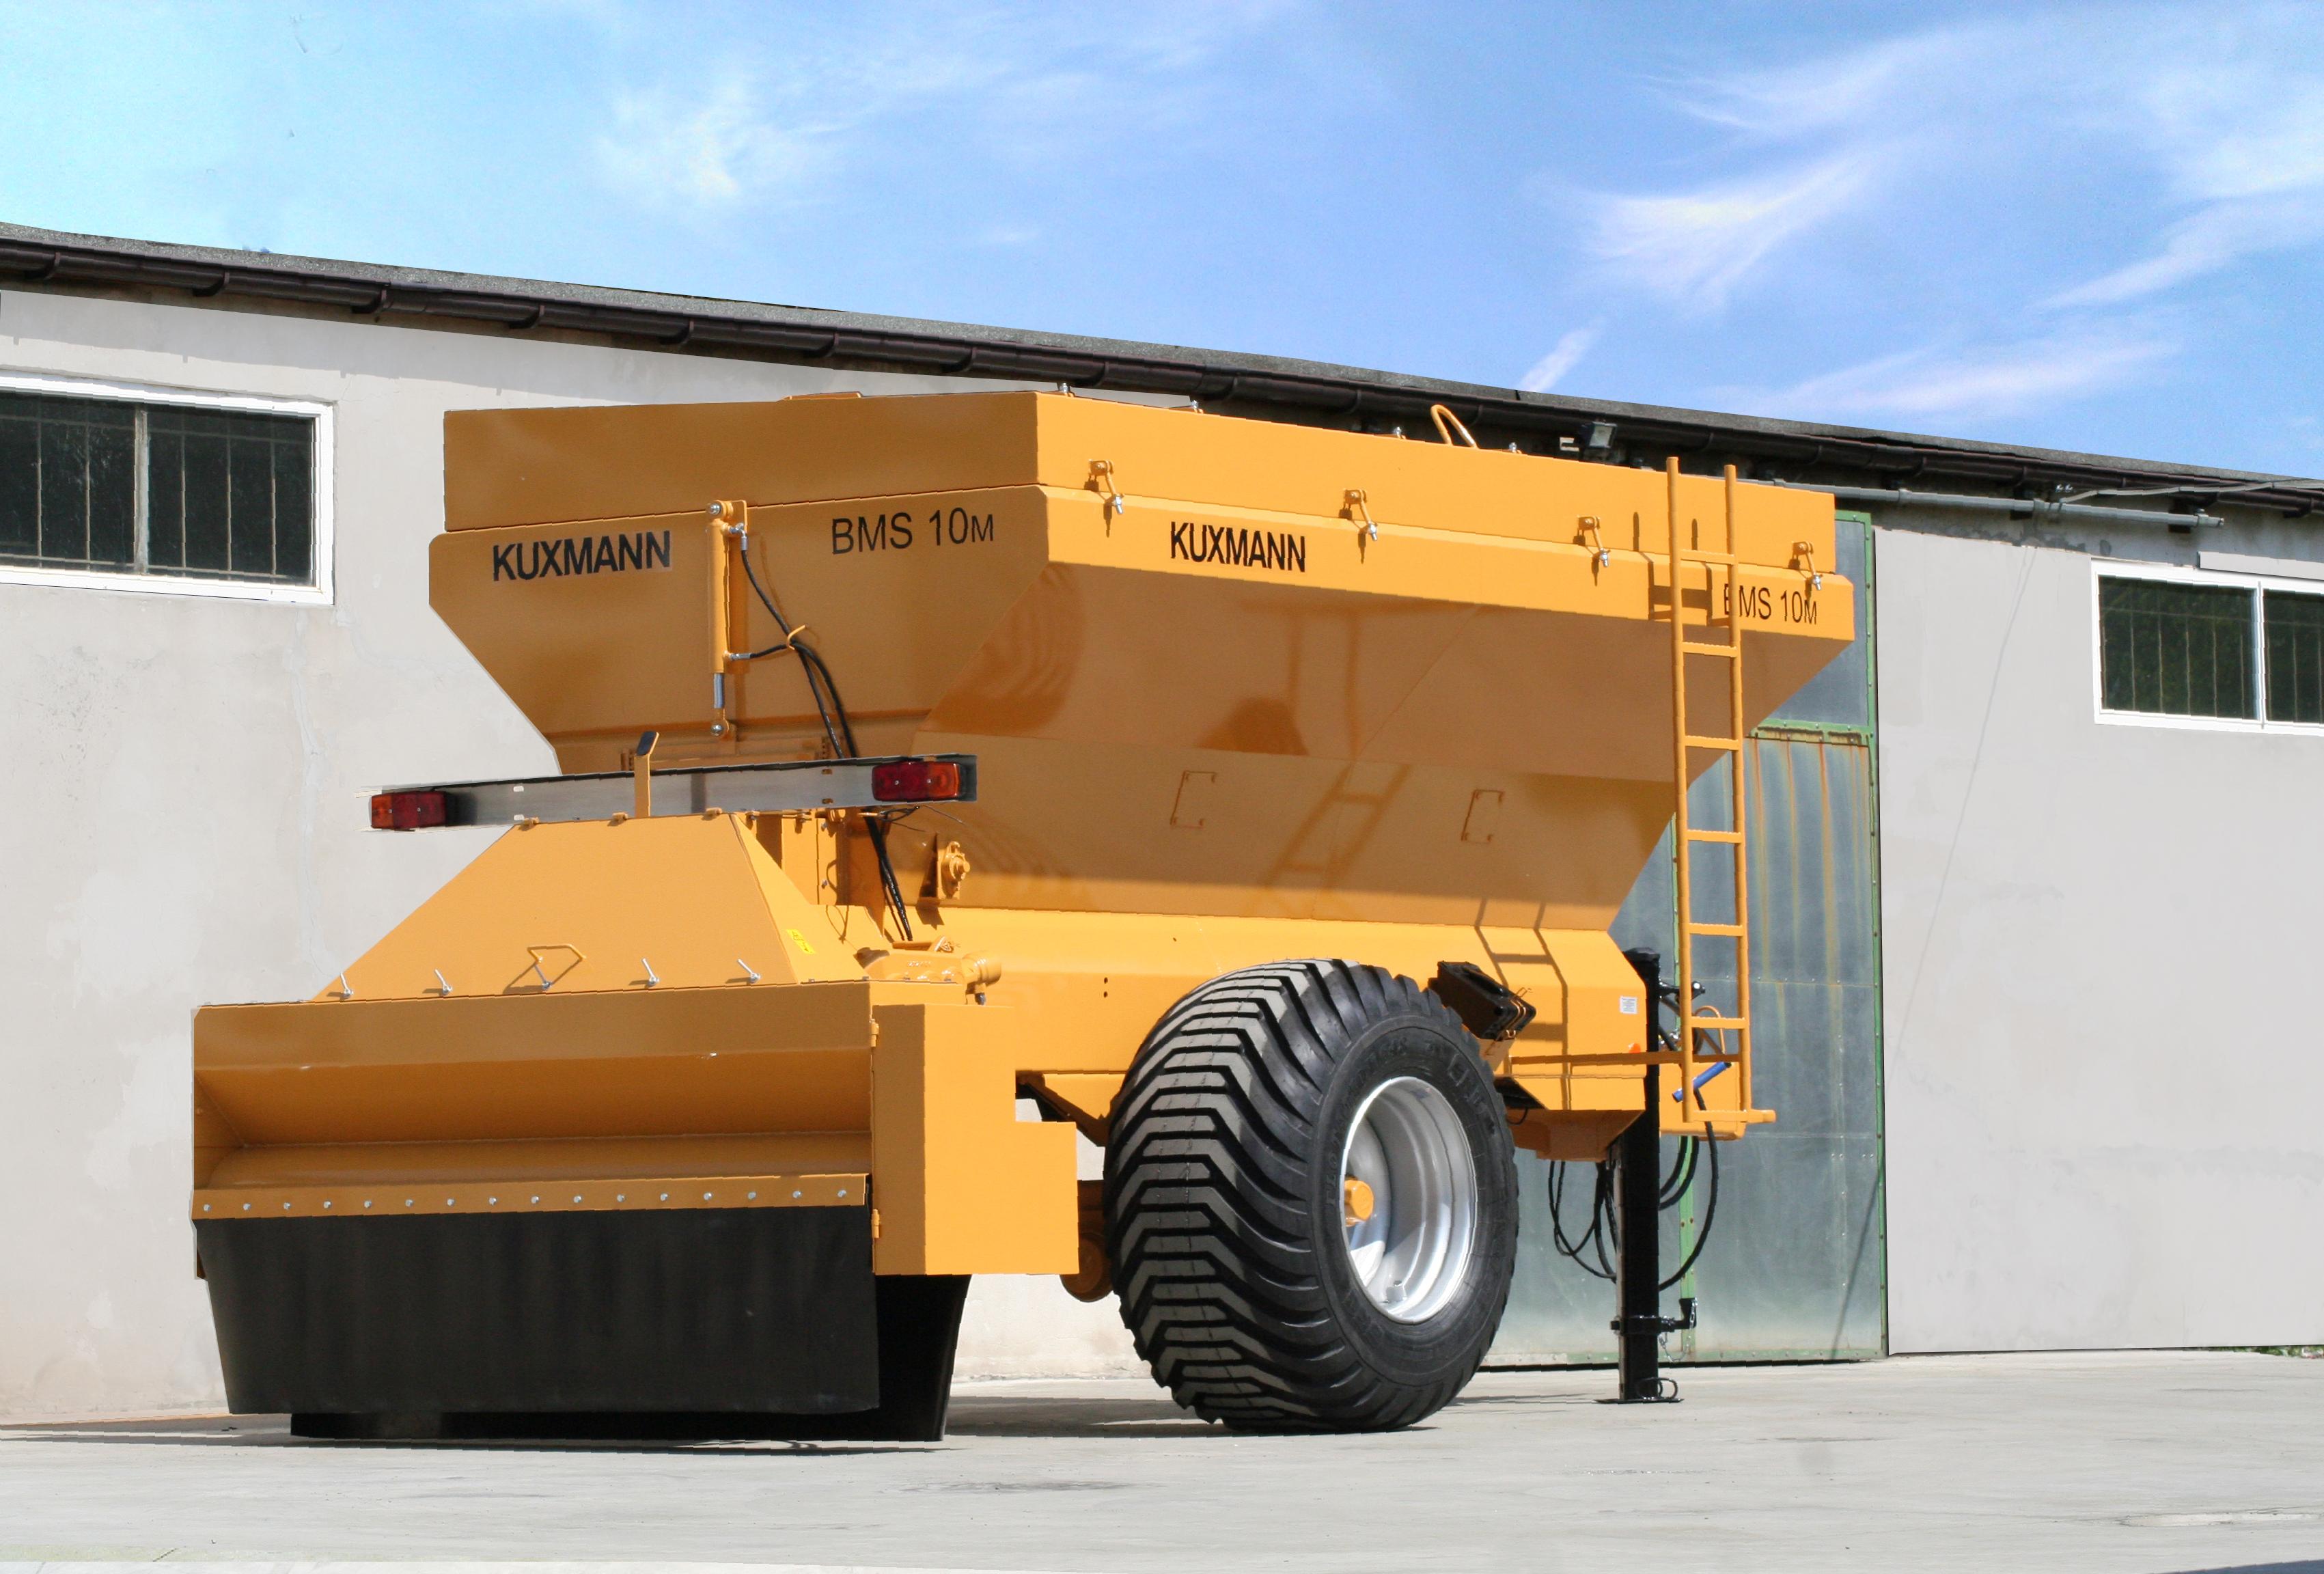 KUXMANN Binding agent spreader Bindemittelstreuer BMS 10m Gelb Yellow